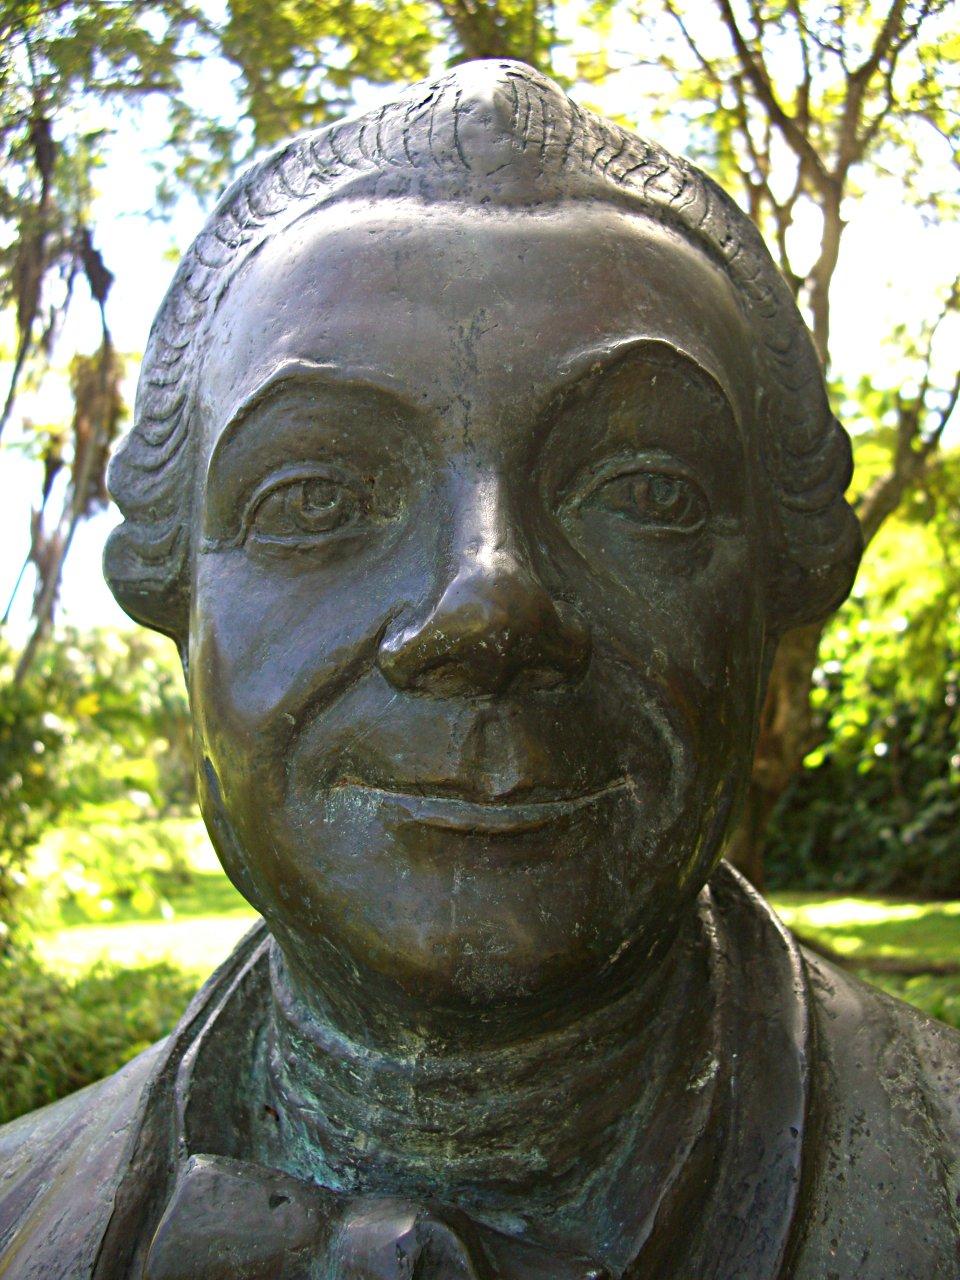 Buste du botaniste Pierre Poivre (1749-1786) dans le Jardin botanique de Pamplemousses, sur l'Île Maurice, jardin créé par Pierre Poivre — CC partage dans les mêmes conditions Author= Anne97432